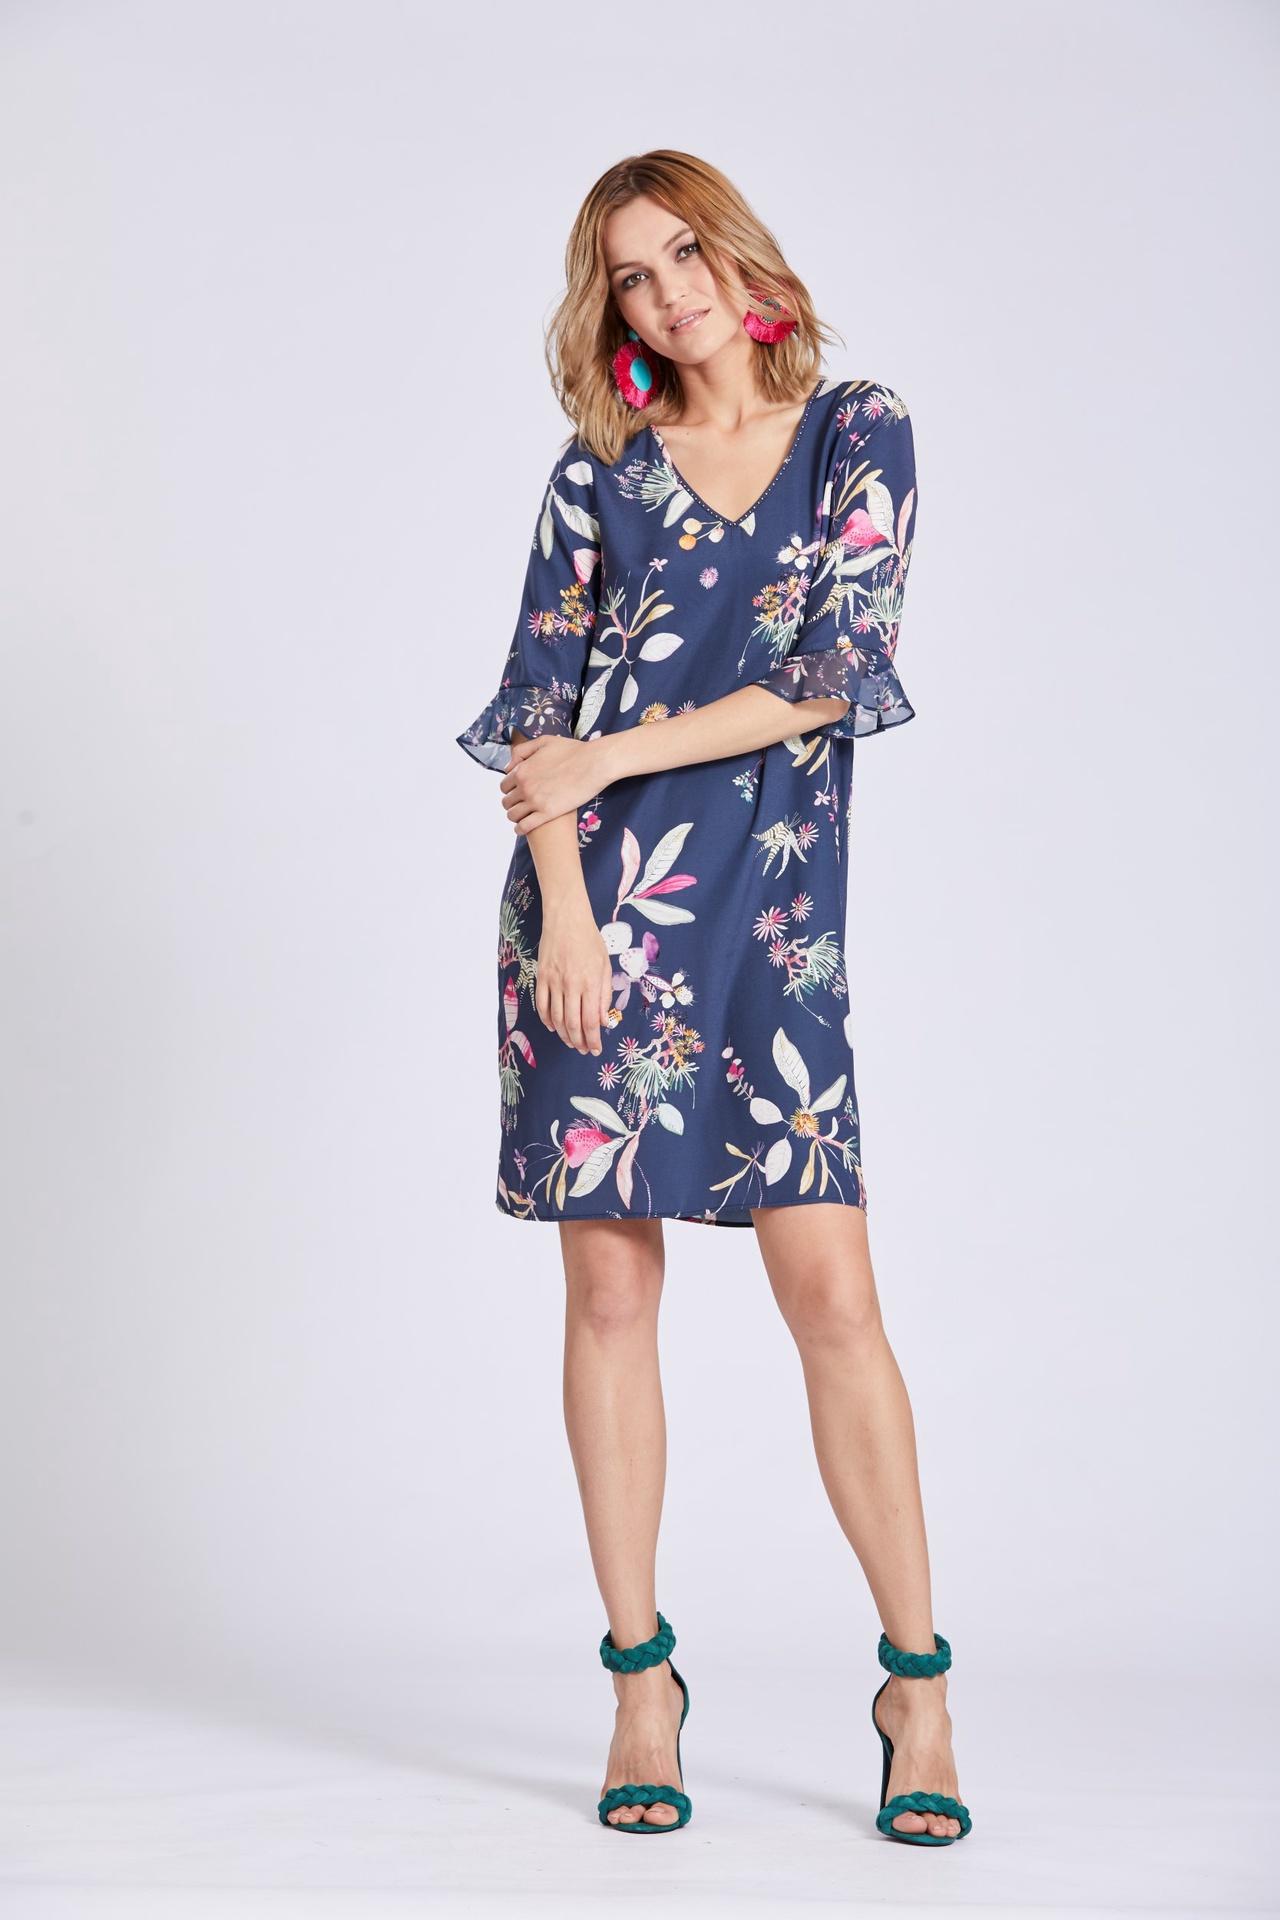 ls1380 Palma Dress